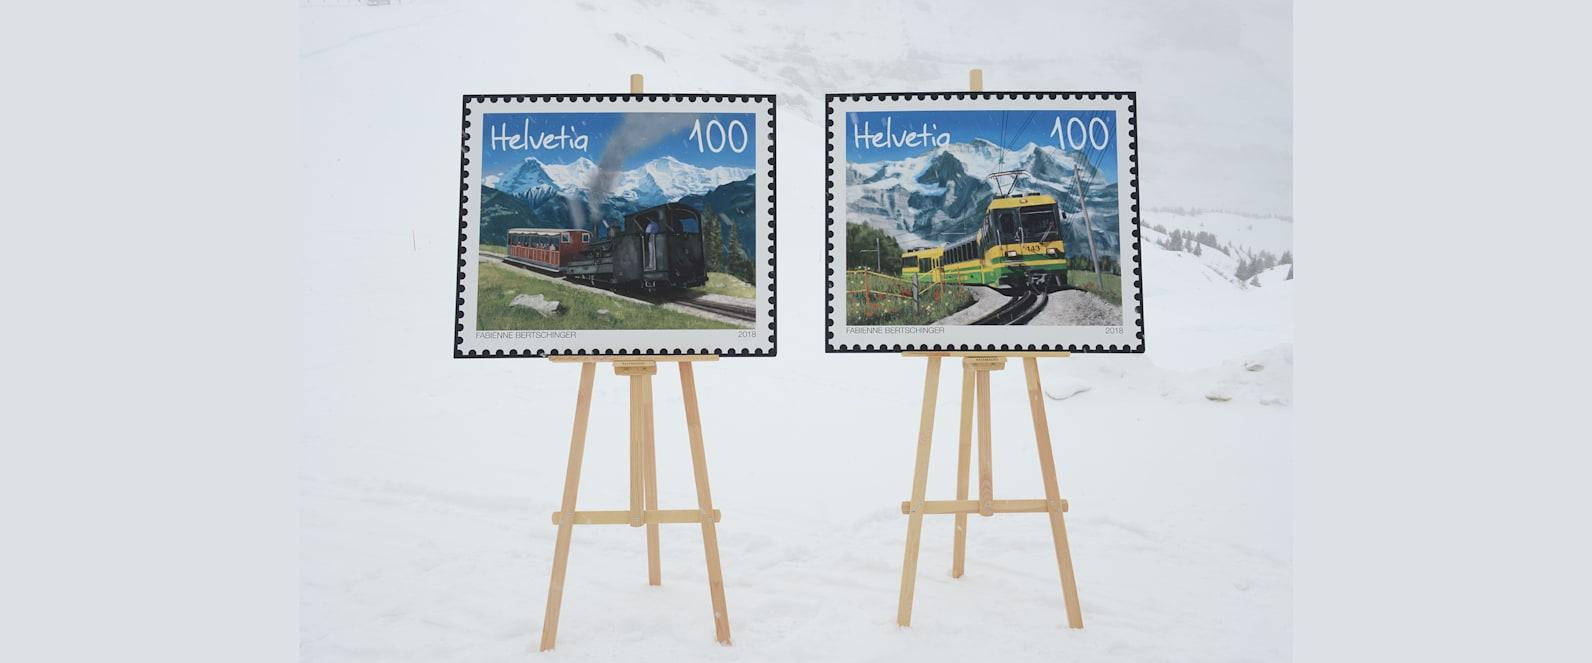 Die Briefmarken vor der Schneekulisse